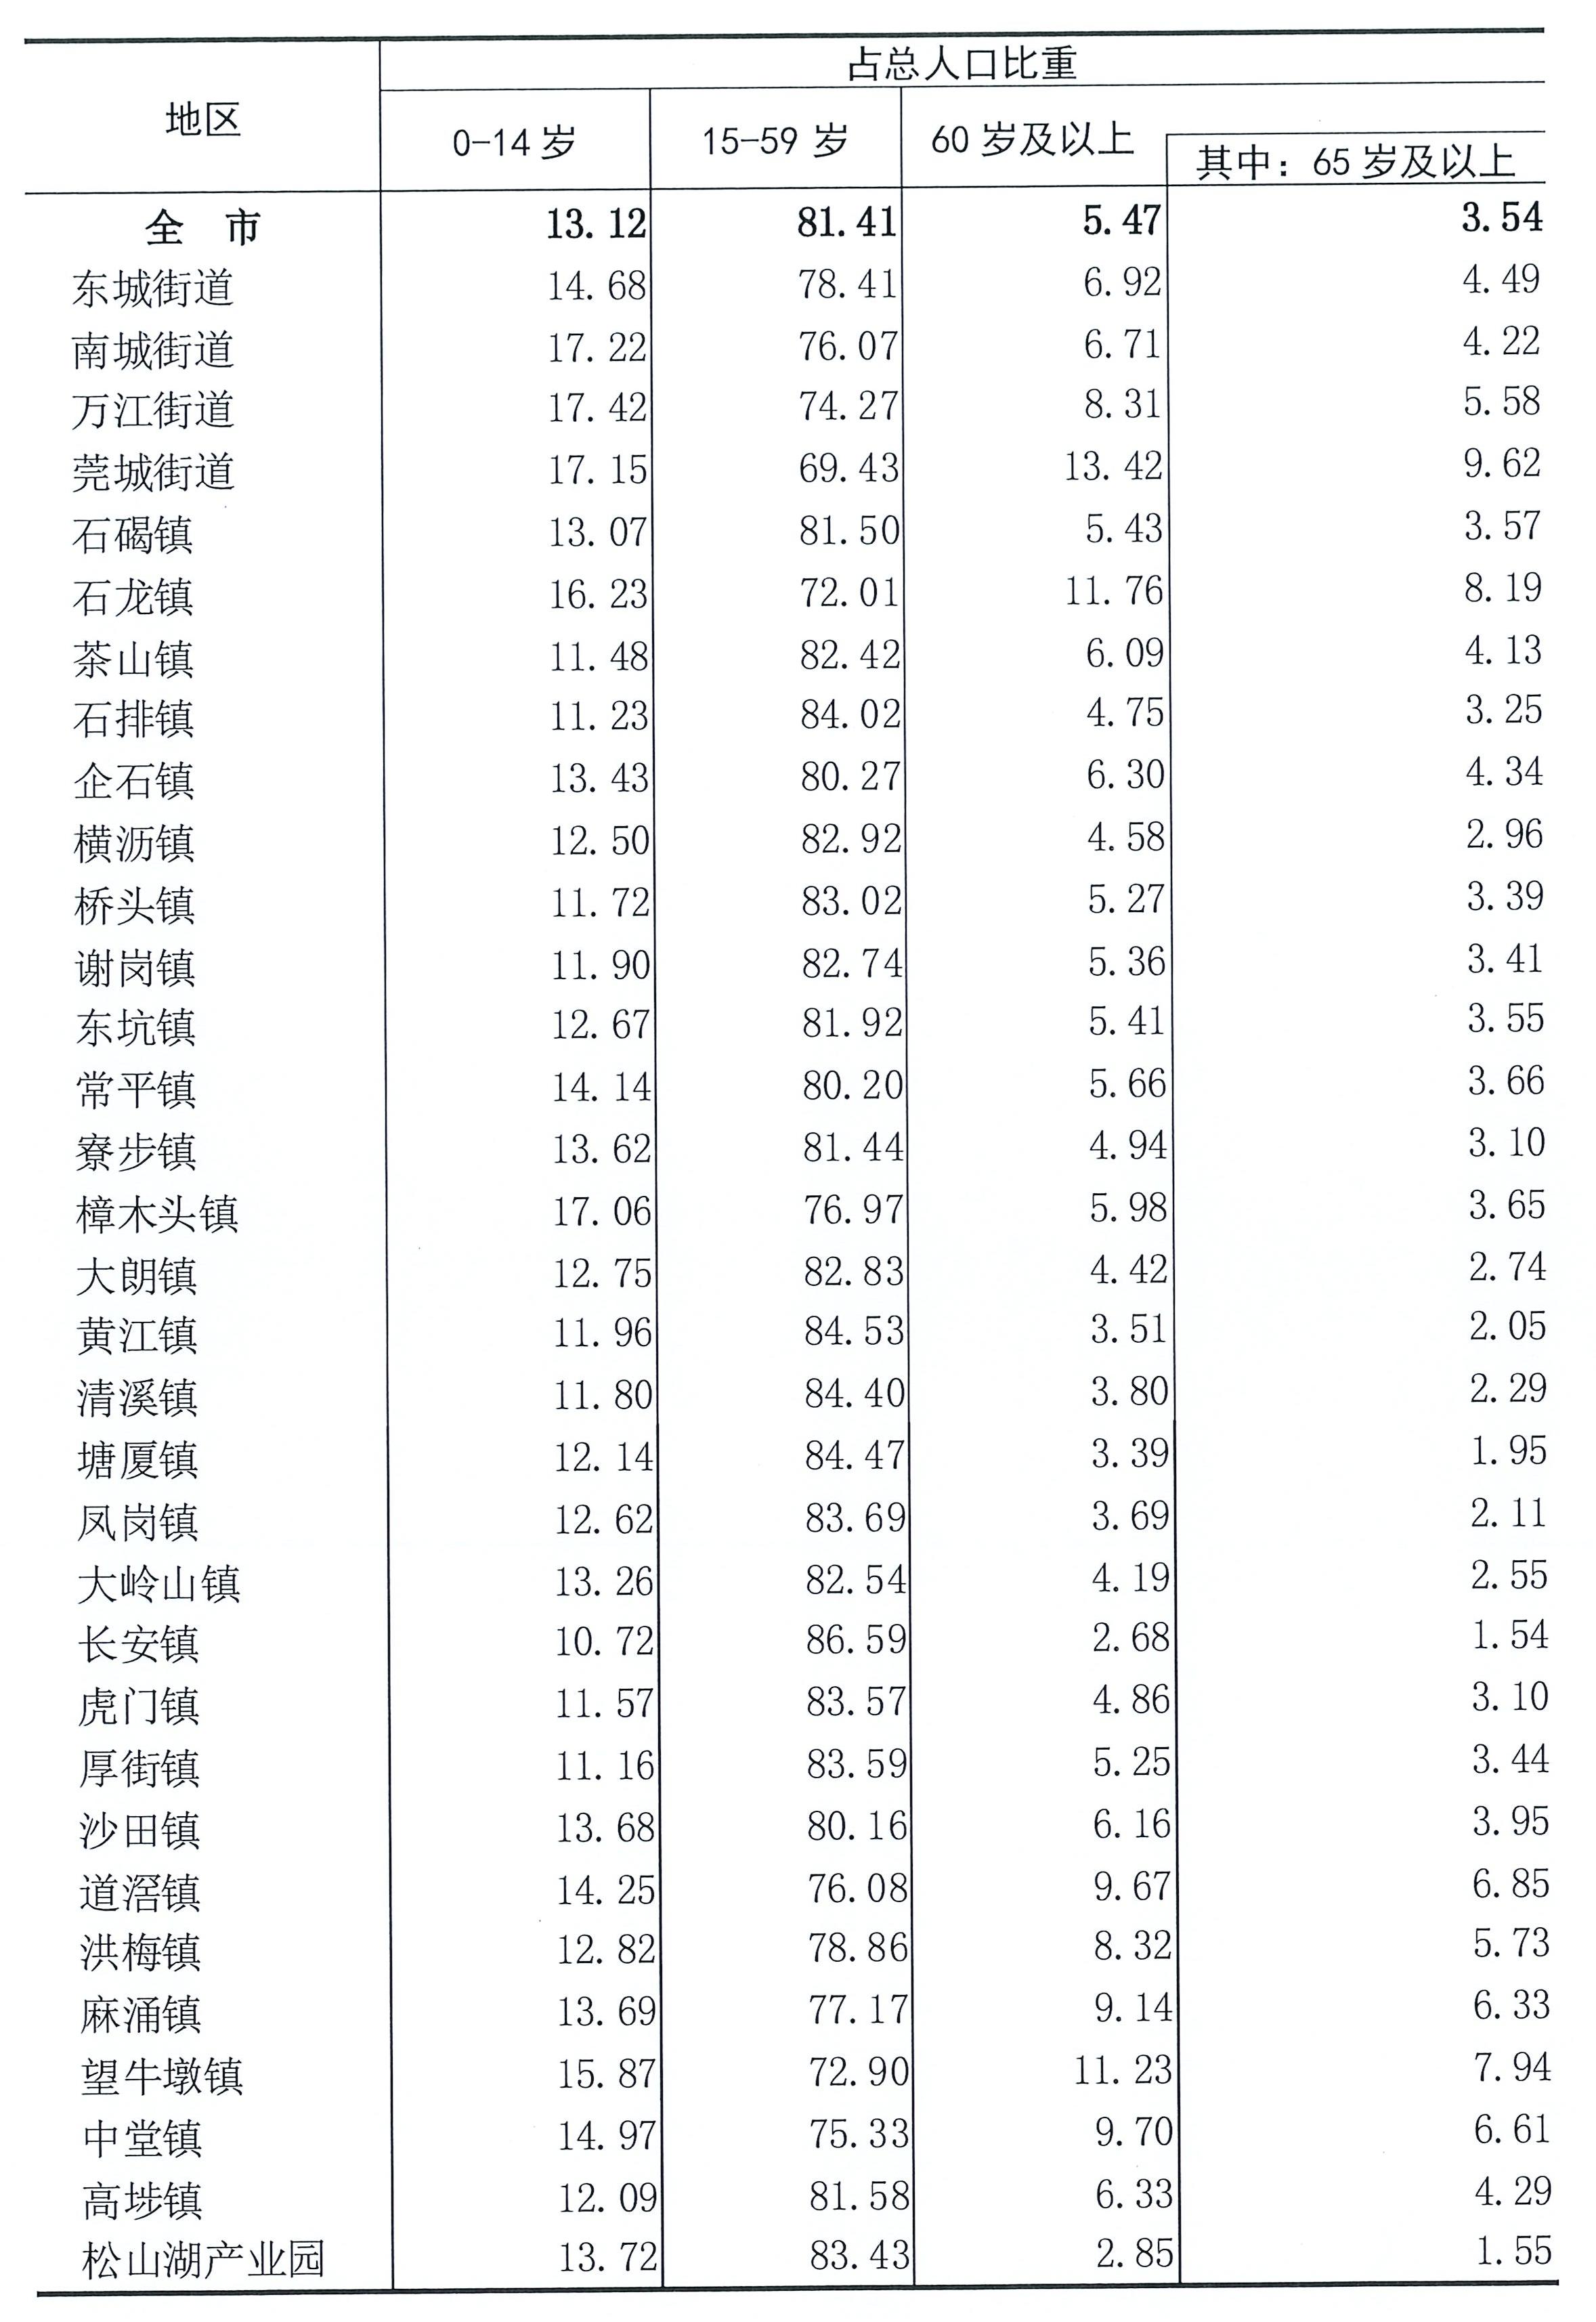 东莞长安有多少人口_持续优化!东莞长安这些路口有新变化